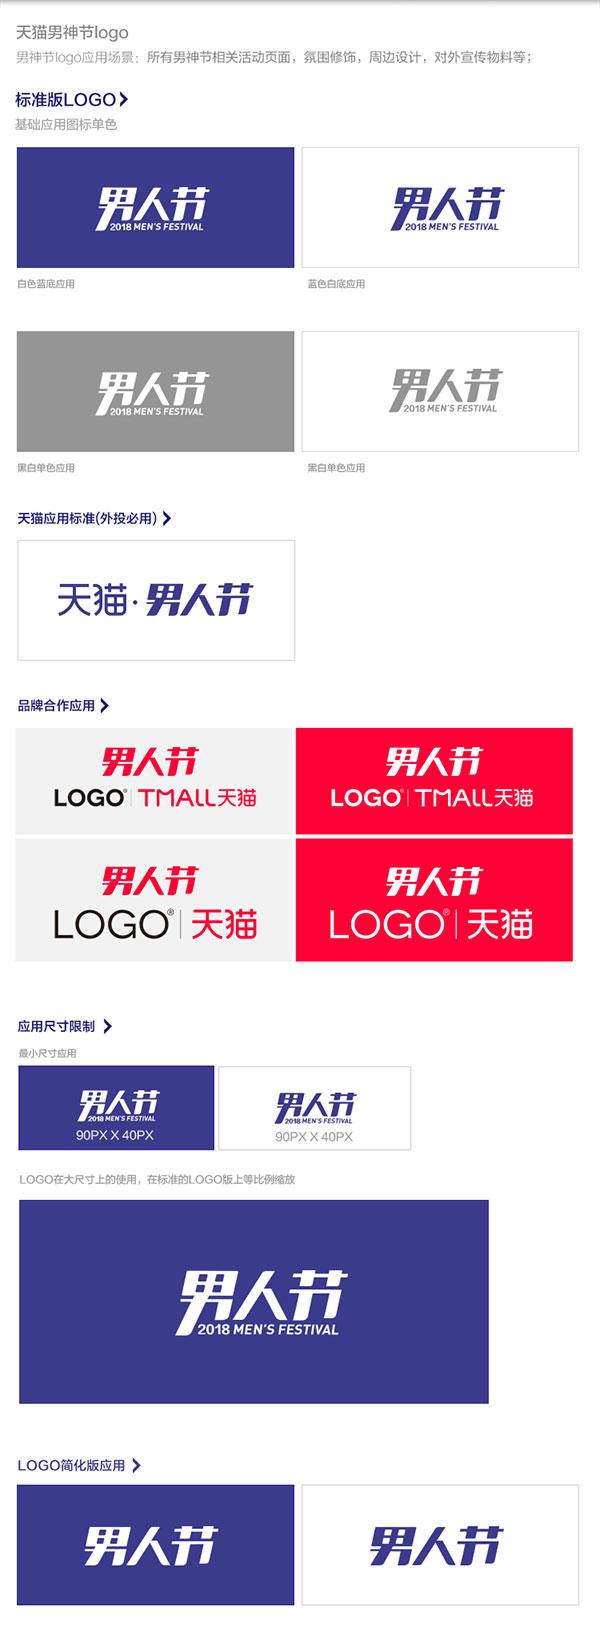 天猫男人节logo